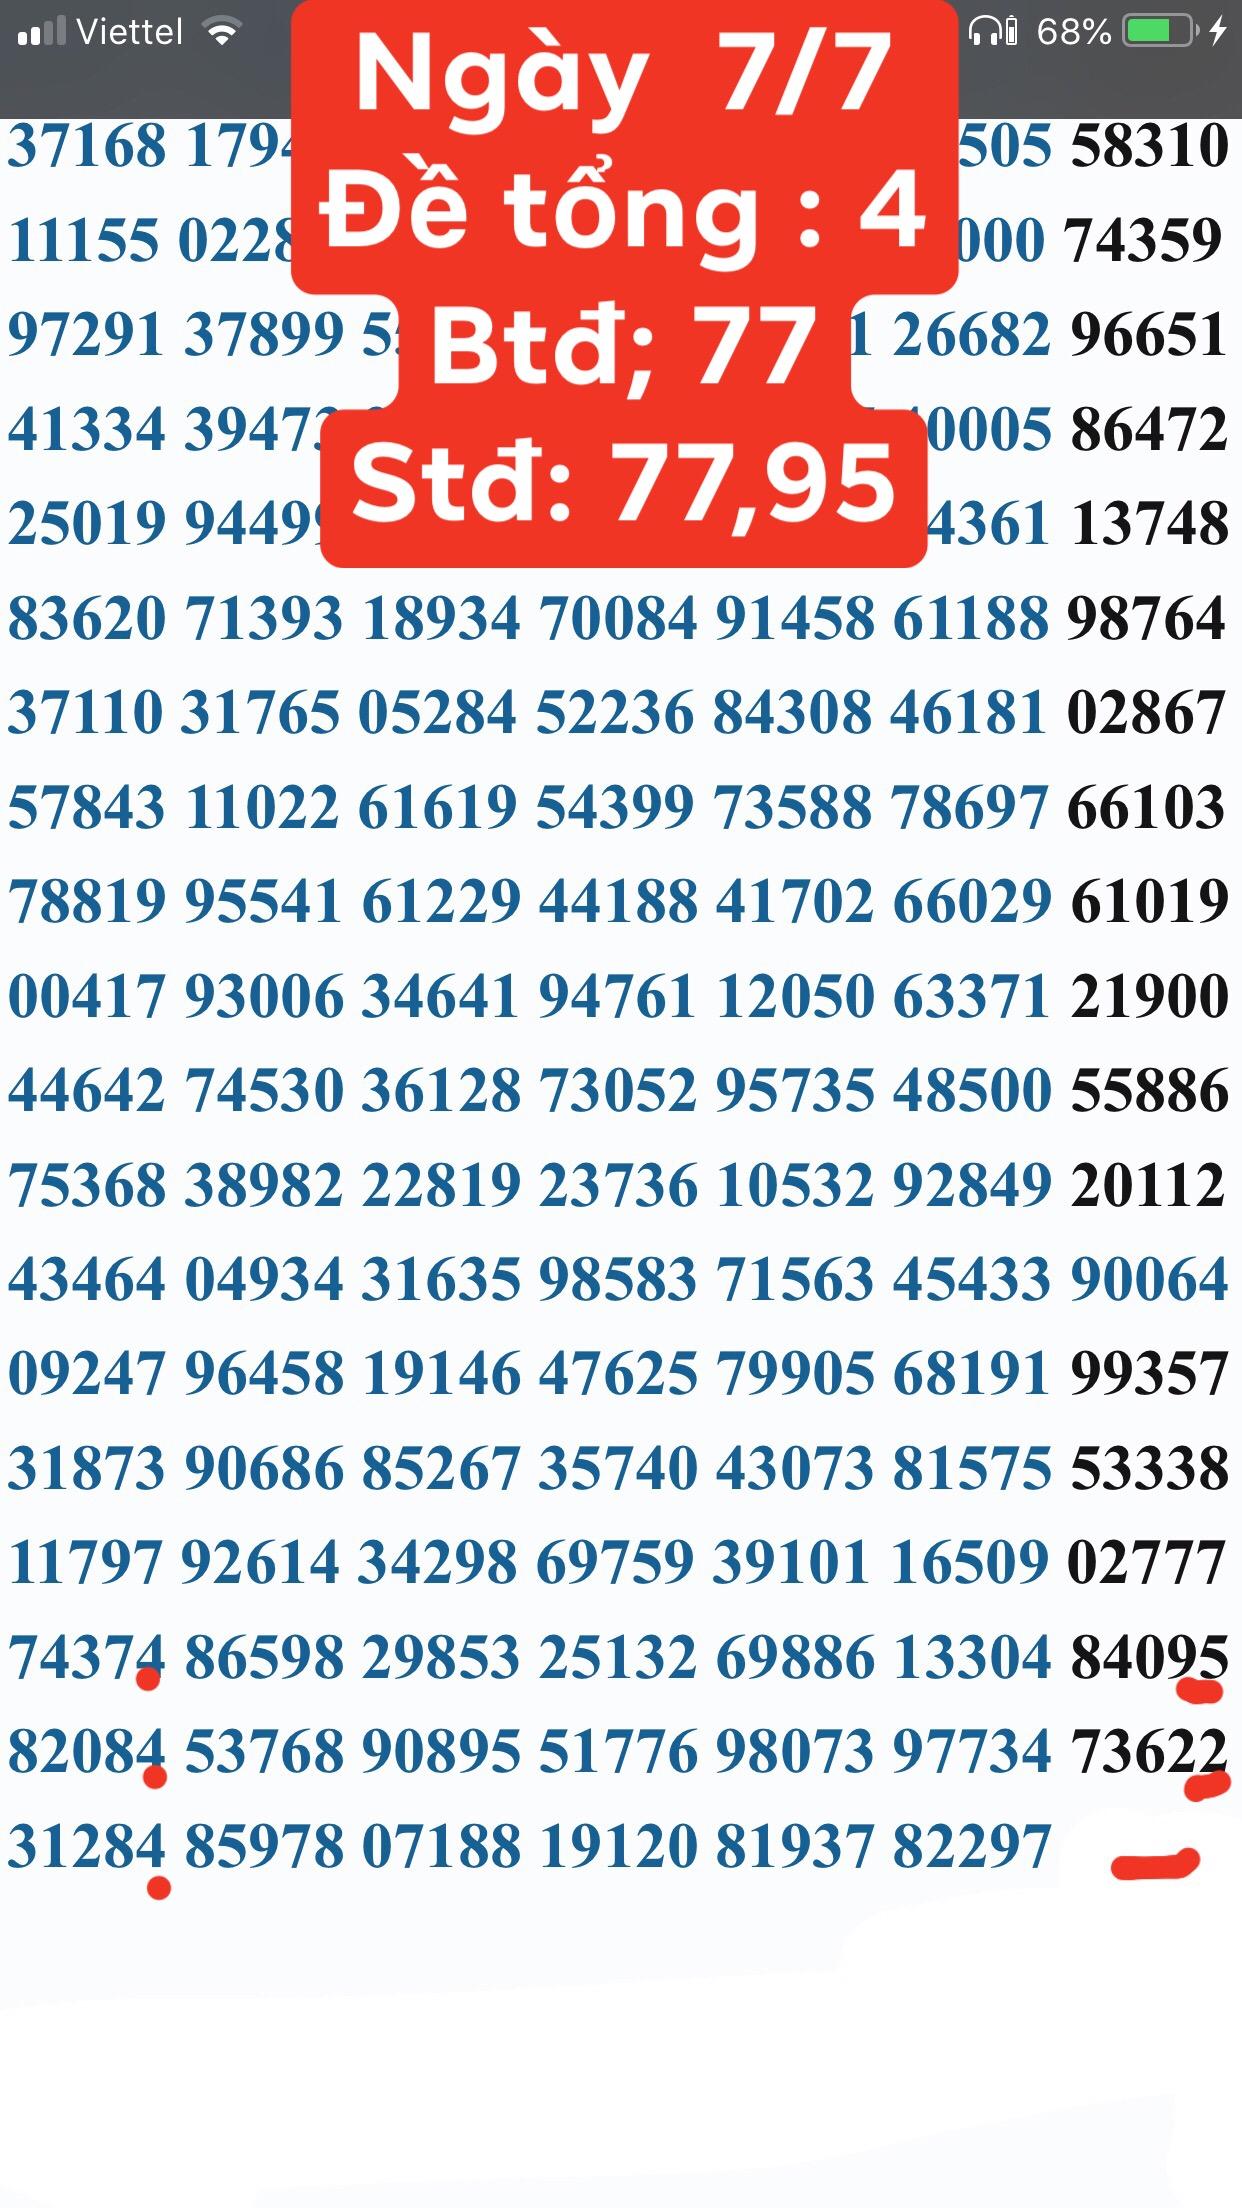 66628BC9-33ED-4D08-92B8-D5AB8A0C7D7E.jpeg